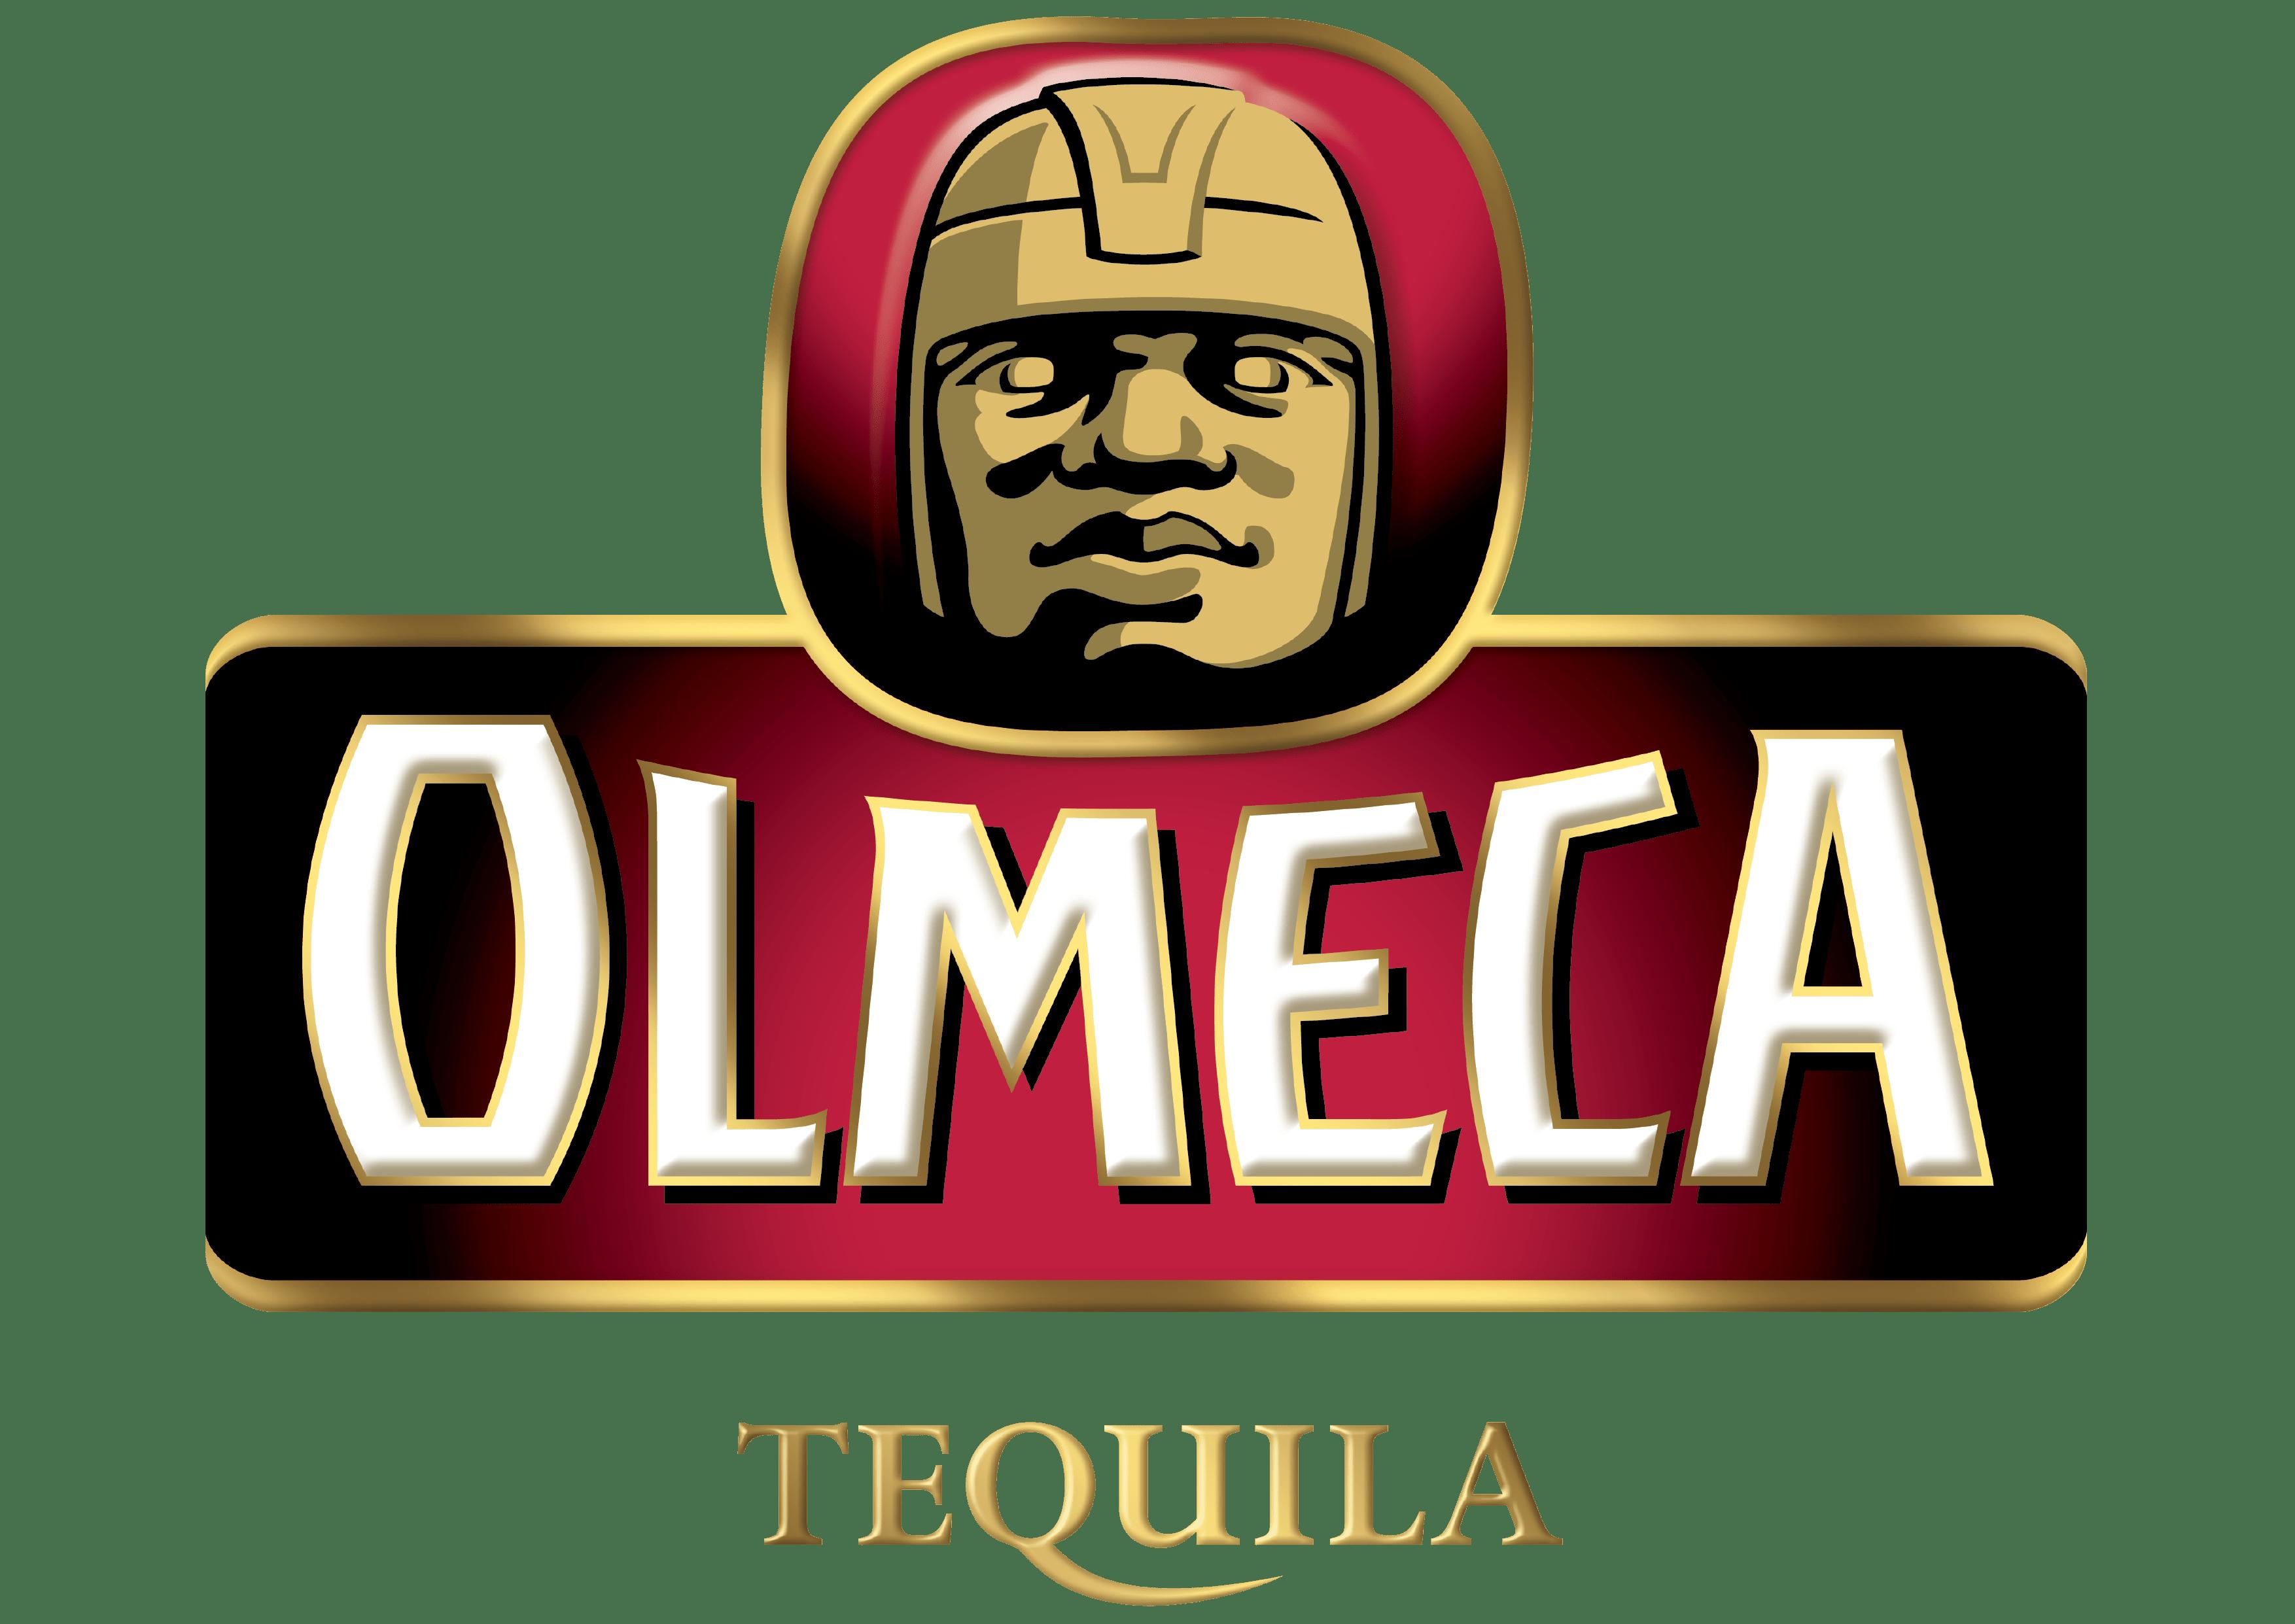 Olmeca_Head_Tq_colour [преобразованный]